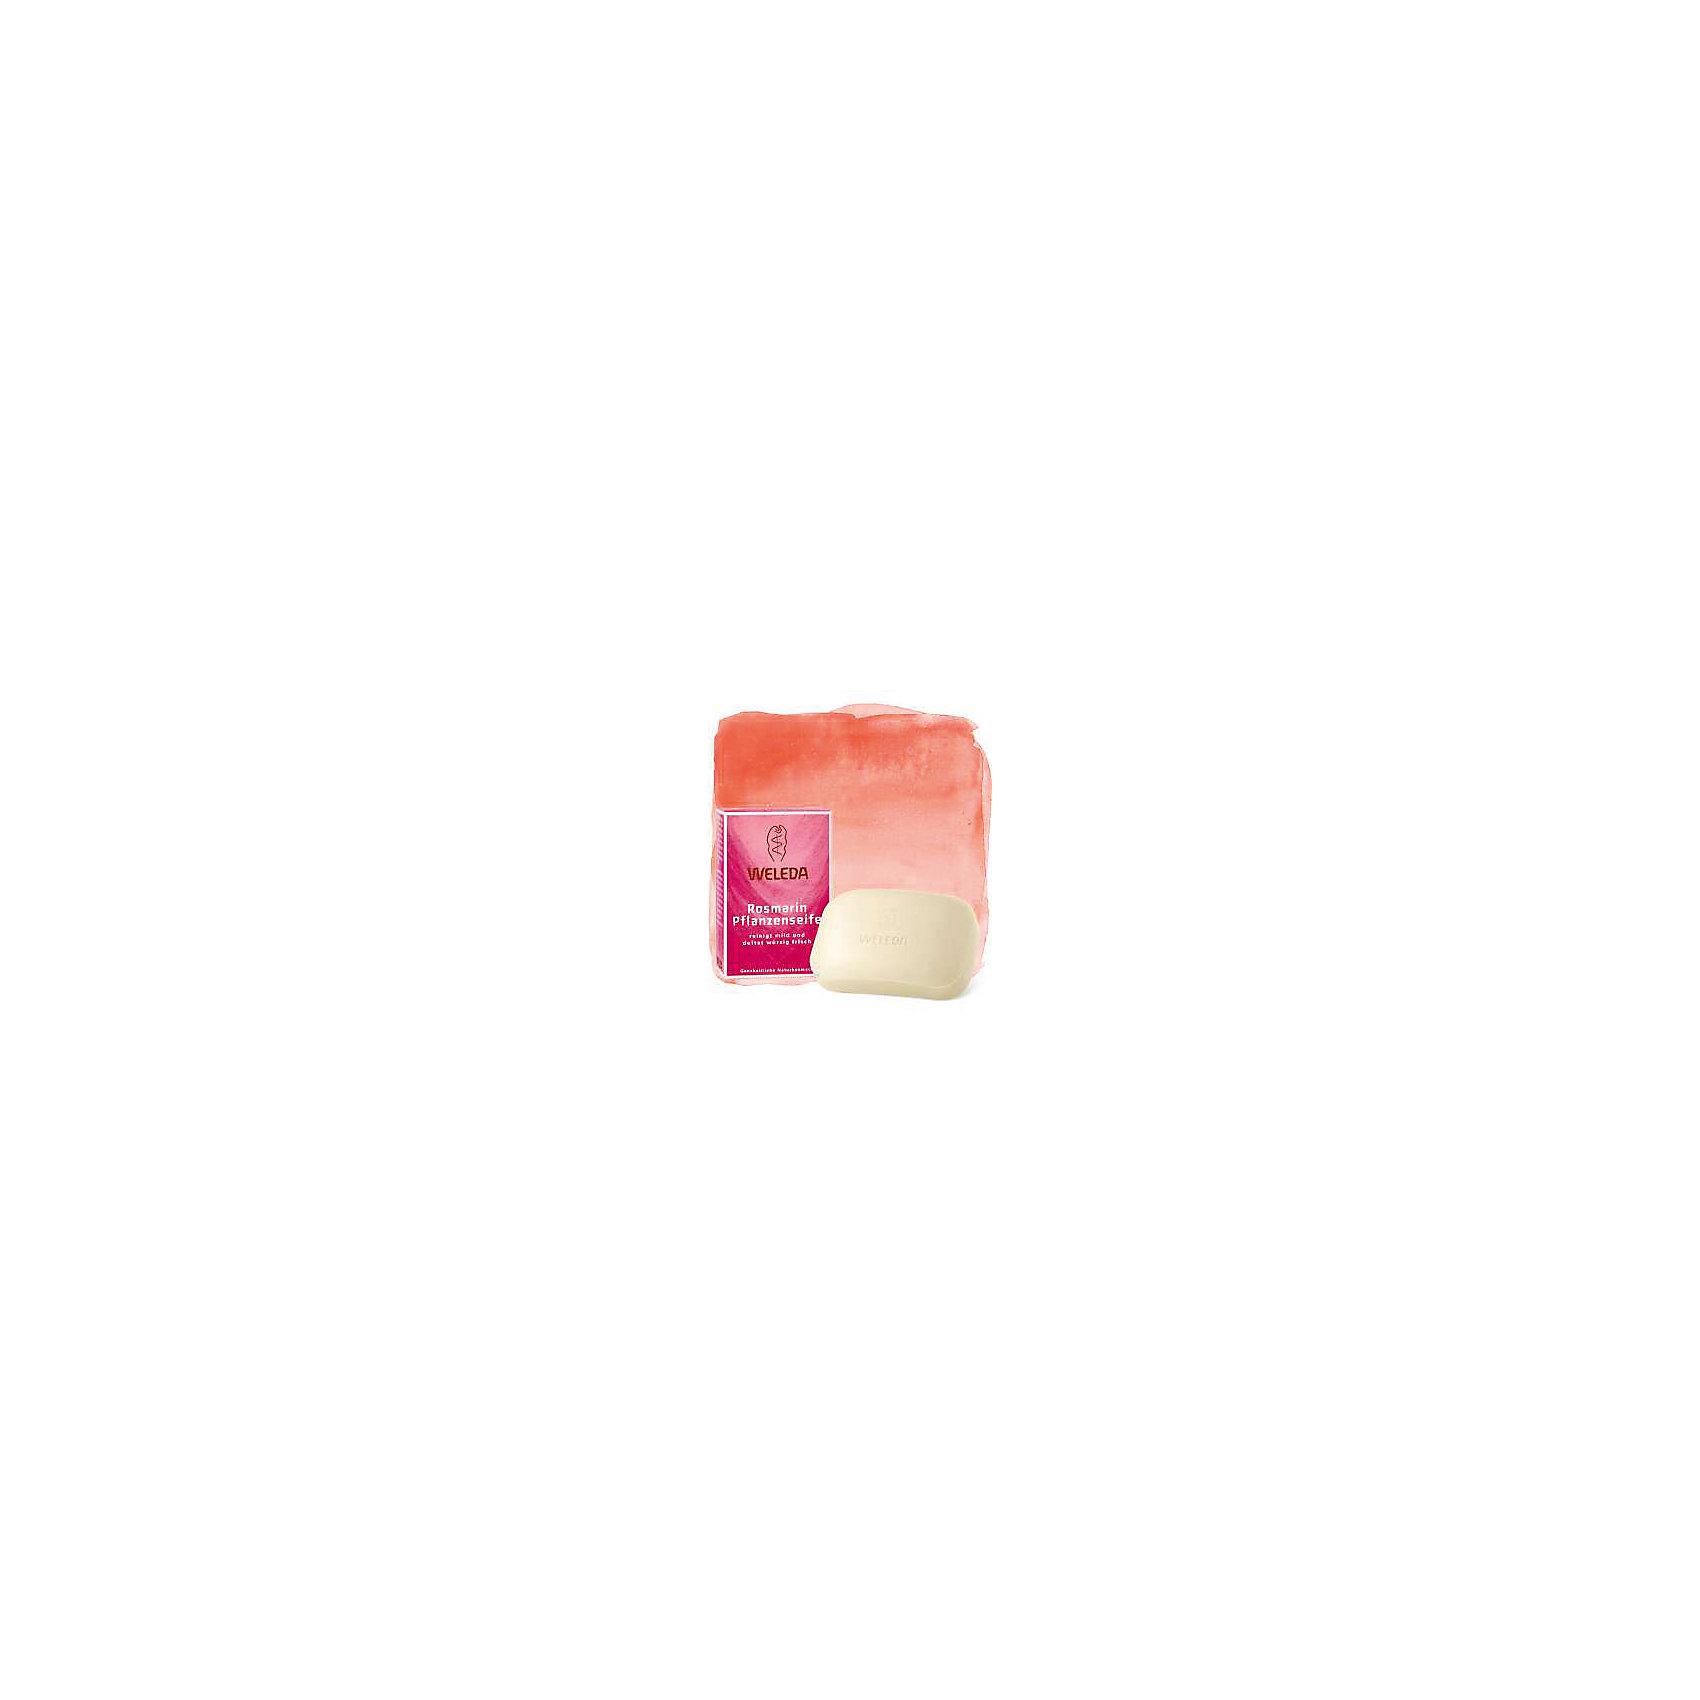 Мыло розмариновое, 100гр., WeledaСредства для ухода<br>Характеристики:<br><br>• Тип средства: мыло <br>• Предназначение: для ухода за кожей, для утреннего умывания<br>• Пол: универсальный<br>• Объем: 100 гр<br>• Подходит для чувствительной кожи<br>• Форма выпуска: твердое<br>• Состав: вода, глицерин, экстракт розмарина, ромашки, фиалки трехцветной, вытяжки из натуральных масел и др.<br>• Упаковка: картонная коробка<br>• Размер упаковка: 3*2,5*2 см<br>• Вес в упаковке: 180 г<br>• Средство имеет сертификаты Natrue, Vegan<br>• Особенности хранения: хранить в прохладном темном месте <br><br>Мыло розмариновое растительное, 100 гр., Weleda разработано немецким производителем косметических и гигиенических средств натурального происхождения. Средство состоит из натуральных компонентов, которые выращены под контролем качества компании-производителя. Микроэлементы получены по инновационной технологии, которая обеспечивает сохранение полезных свойств натуральных эфирных масел. <br><br>Мыло предназначено для бережного очищения кожи лица и рук. При намыливании образуется нежная и мягкая пена. При применении мыла розмаринового растительного, 100 гр., Weleda не появляется чувство стянутости и сухости кожи.<br><br>Мыло розмариновое растительное, 100 гр., Weleda можно купить в нашем интернет-магазине.<br><br>Ширина мм: 30<br>Глубина мм: 25<br>Высота мм: 20<br>Вес г: 100<br>Возраст от месяцев: 216<br>Возраст до месяцев: 1188<br>Пол: Унисекс<br>Возраст: Детский<br>SKU: 5399001